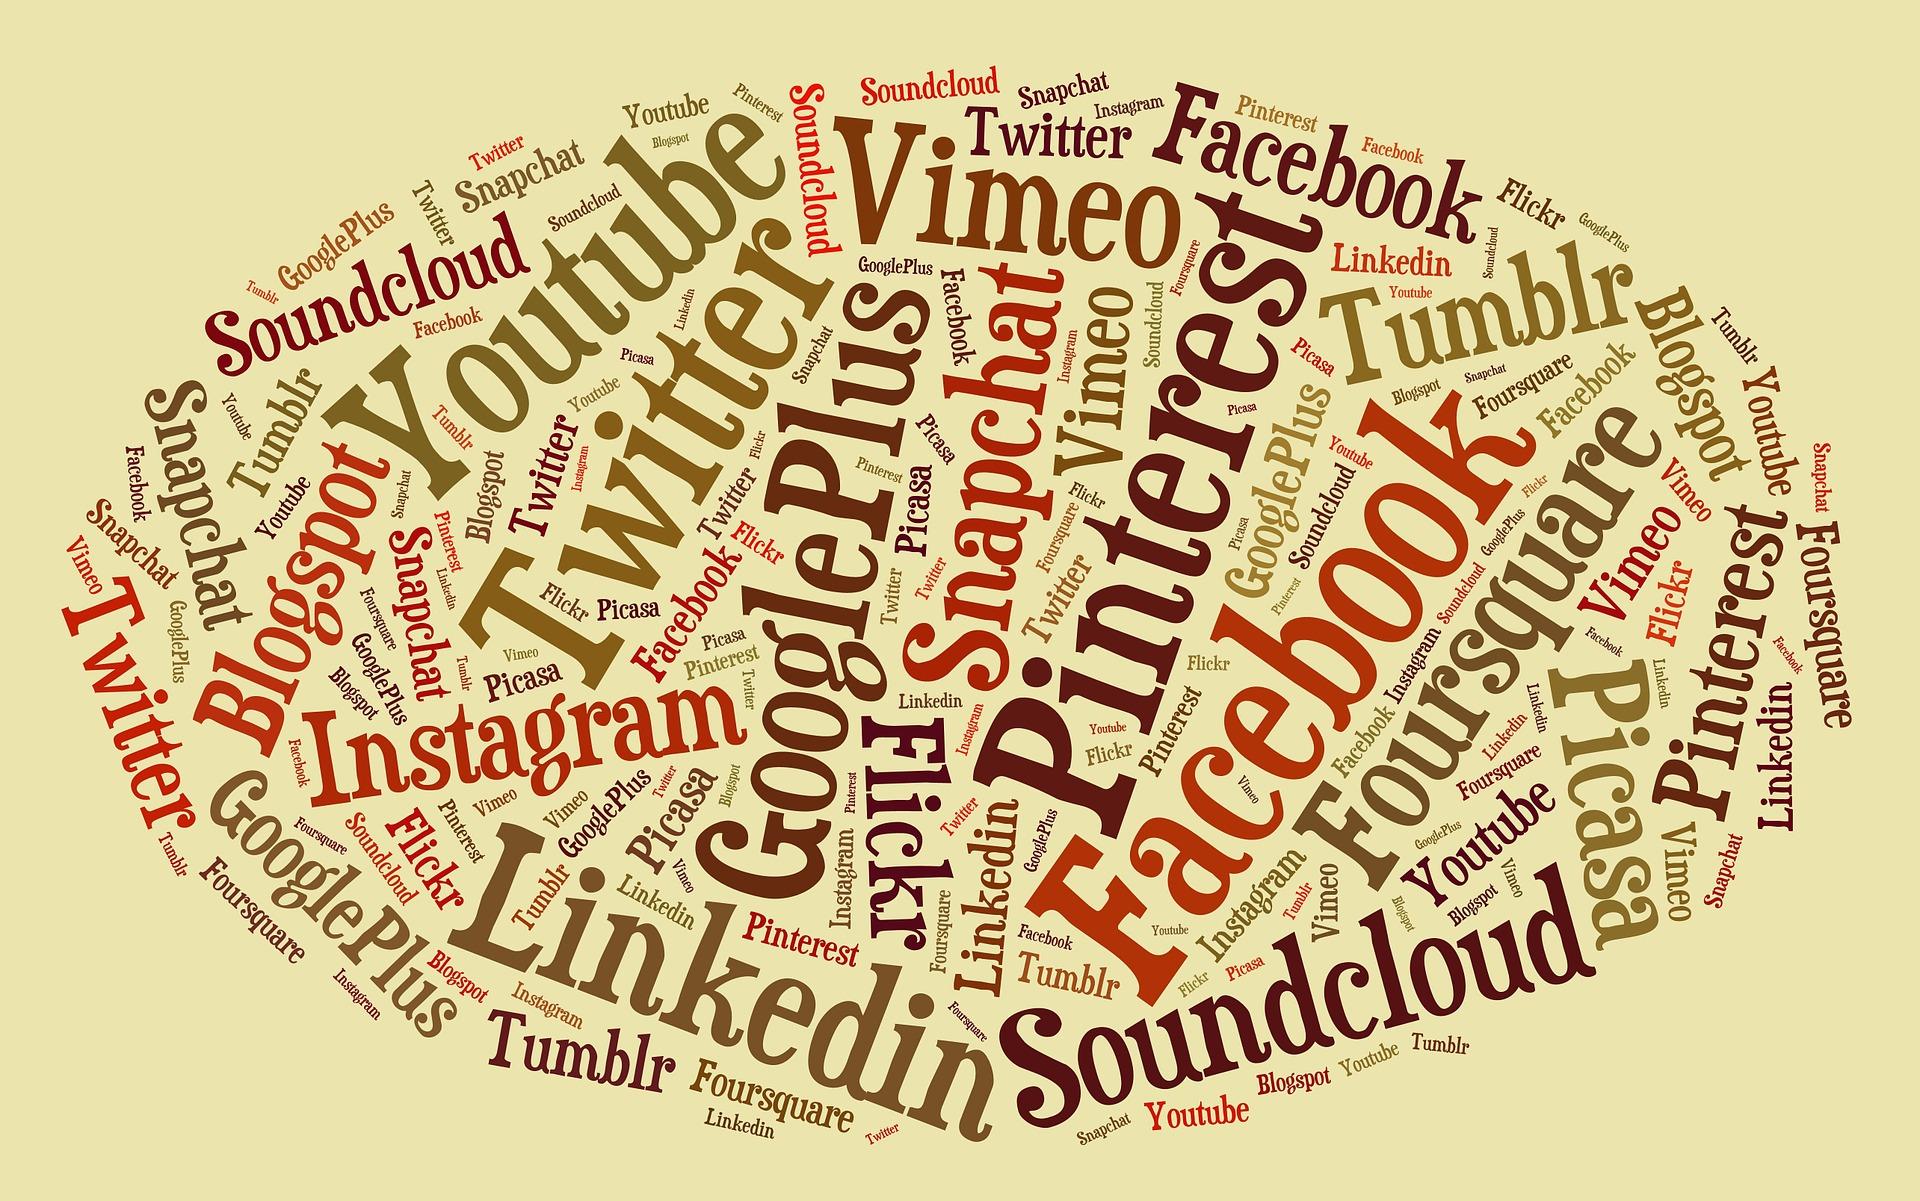 verschiedene Social Media